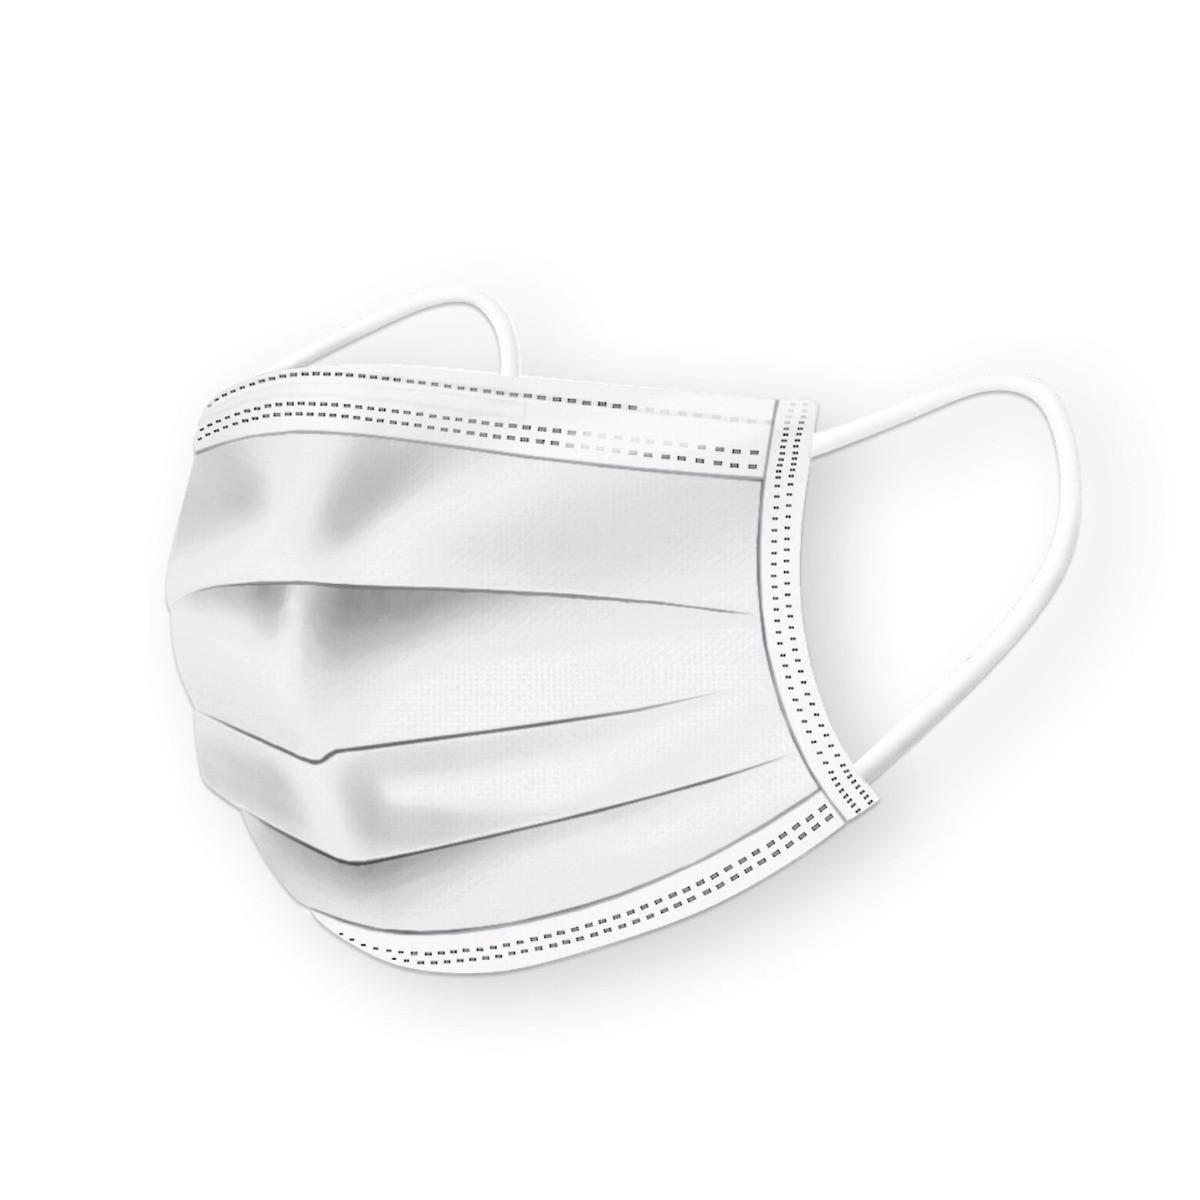 ochranné rúška na tvár biele 50ks 3-vrstvové maska MDV-4420 typ II medicorp.sk